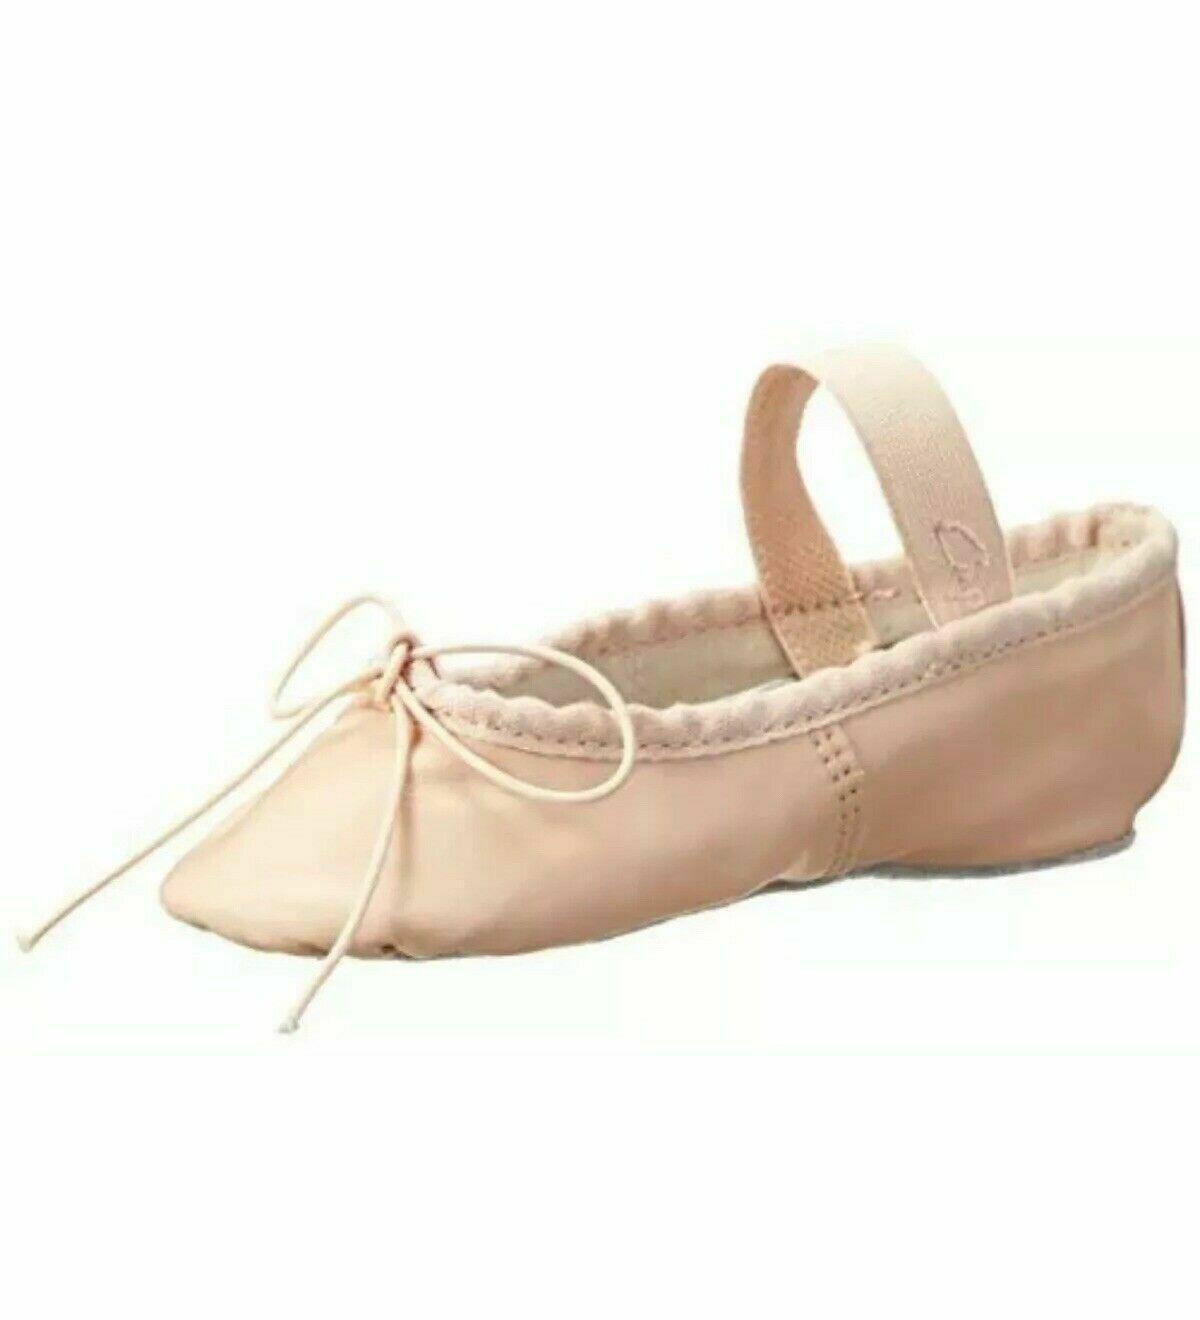 Capezio Adult Teknik 200 NPK Pink Full Sole Ballet Shoe Size 6.5D 6.5 D